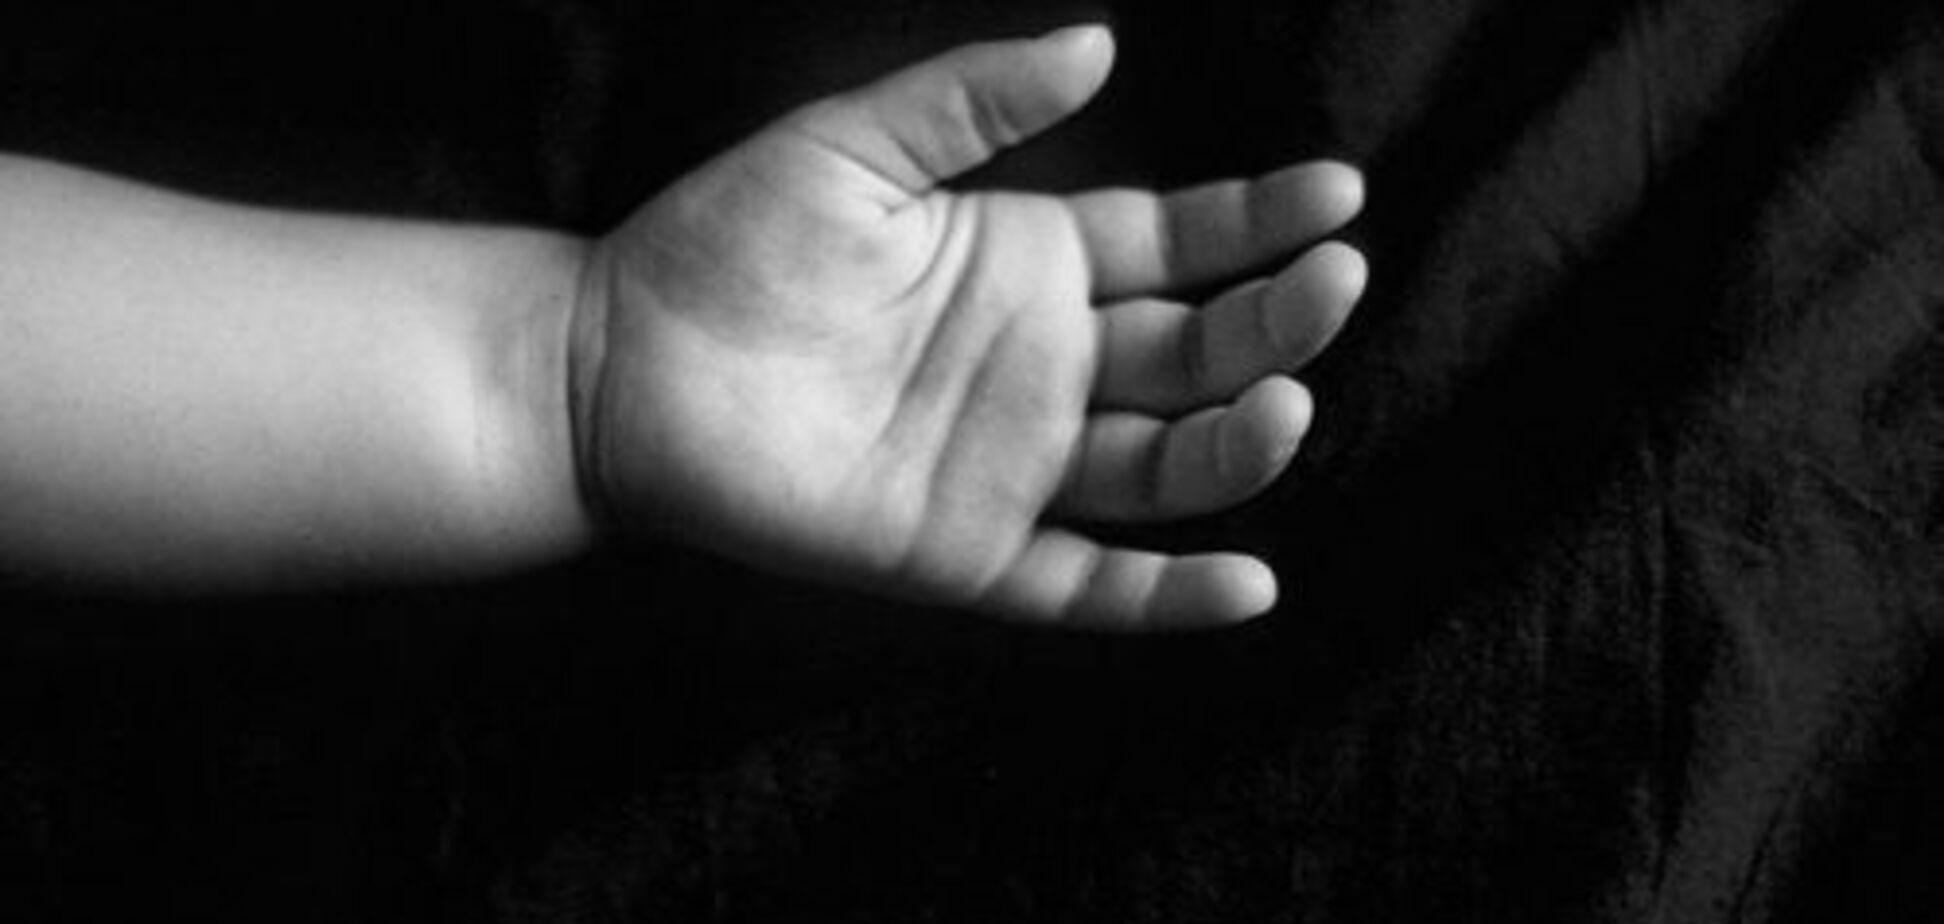 У Черкасах знайшли зарізане немовля: що відомо